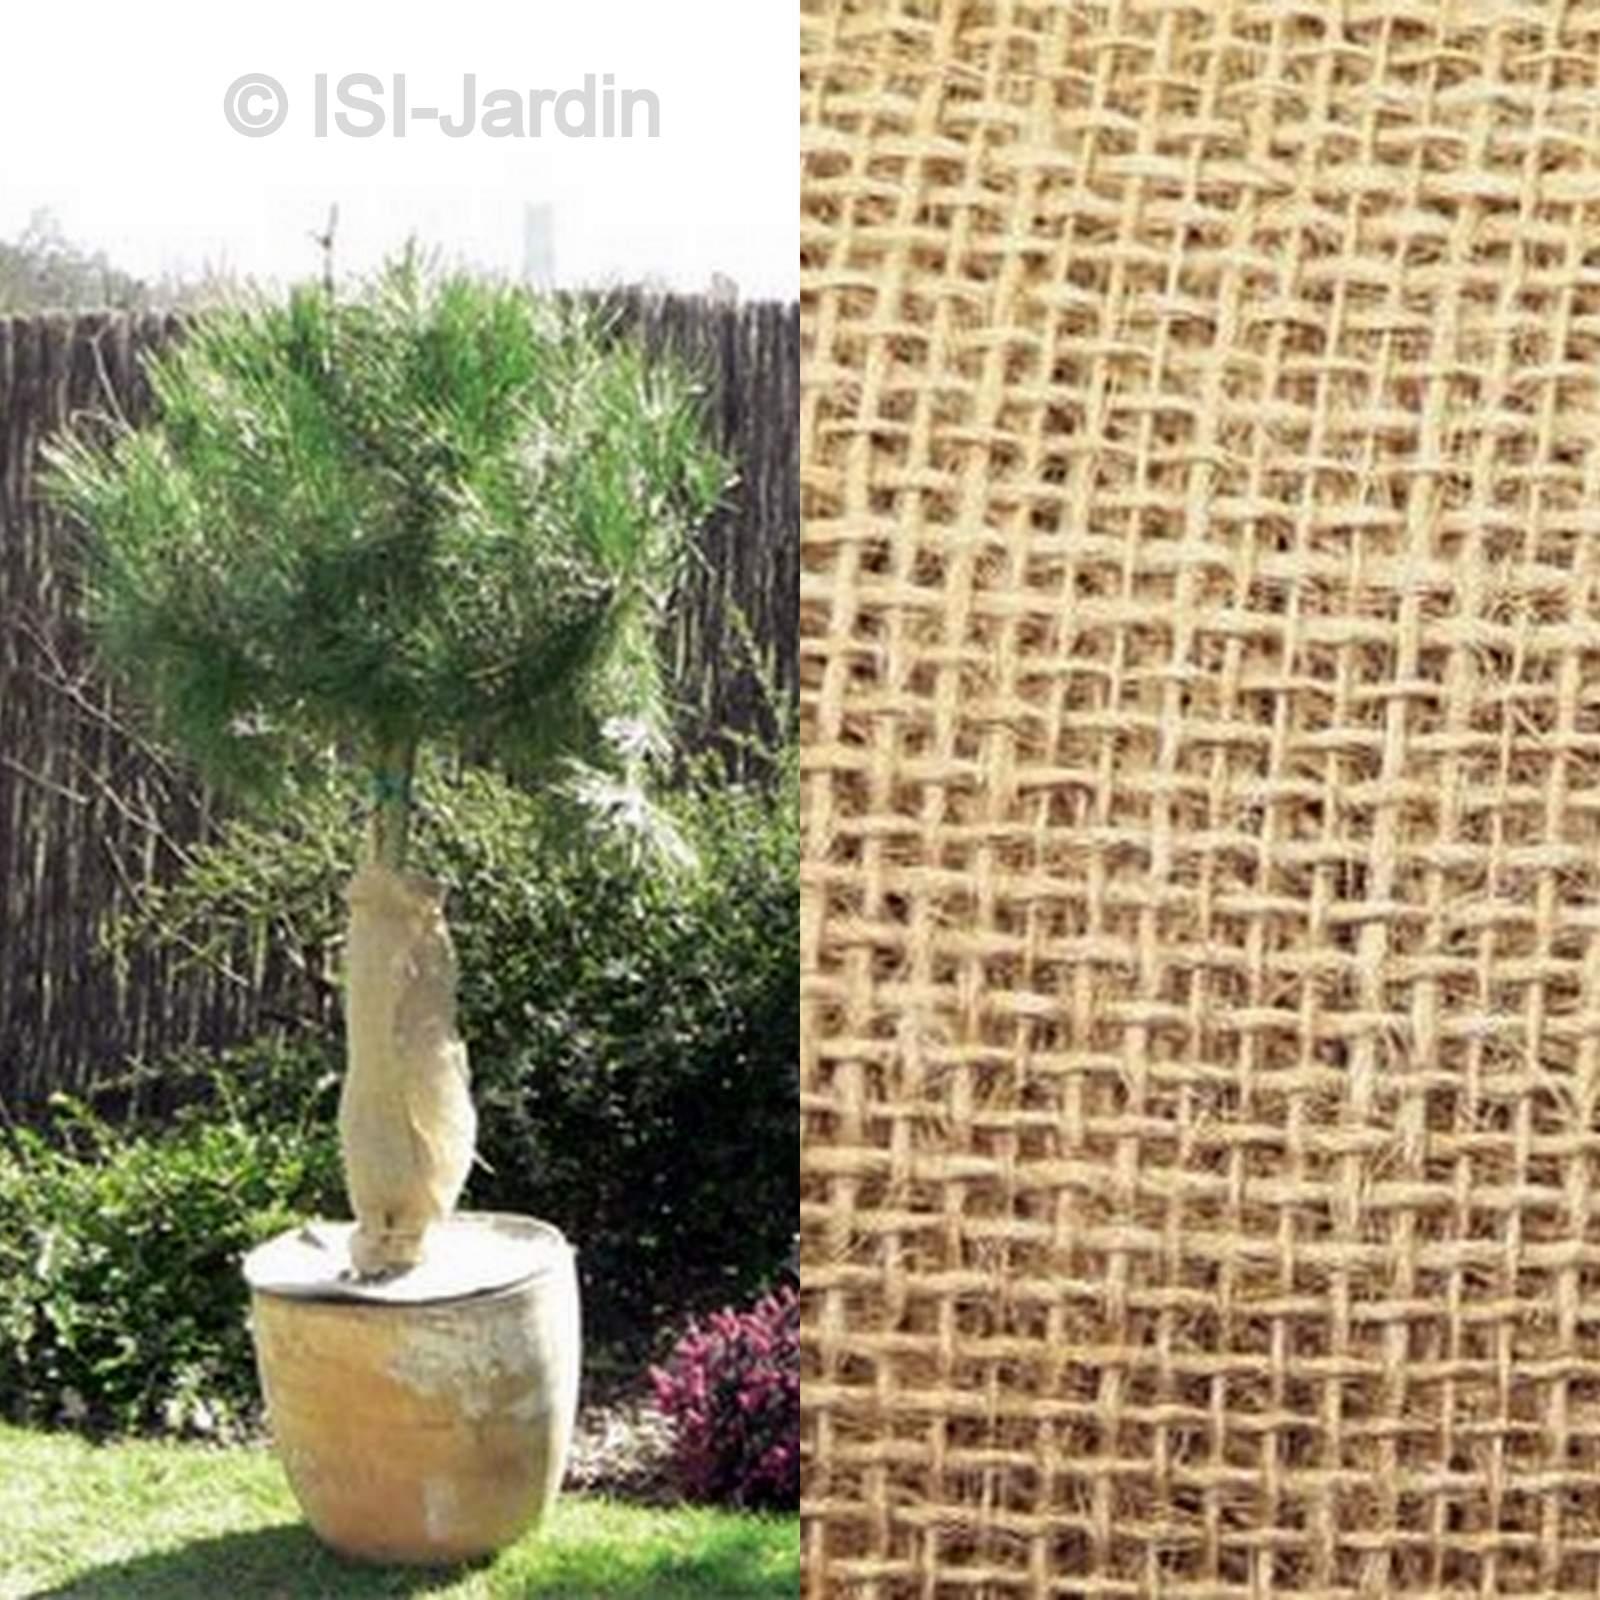 Protection En Toile De Jute 1 Mètre X 10 Mètres, 200 Grammes / M² destiné Toile De Jute Jardin